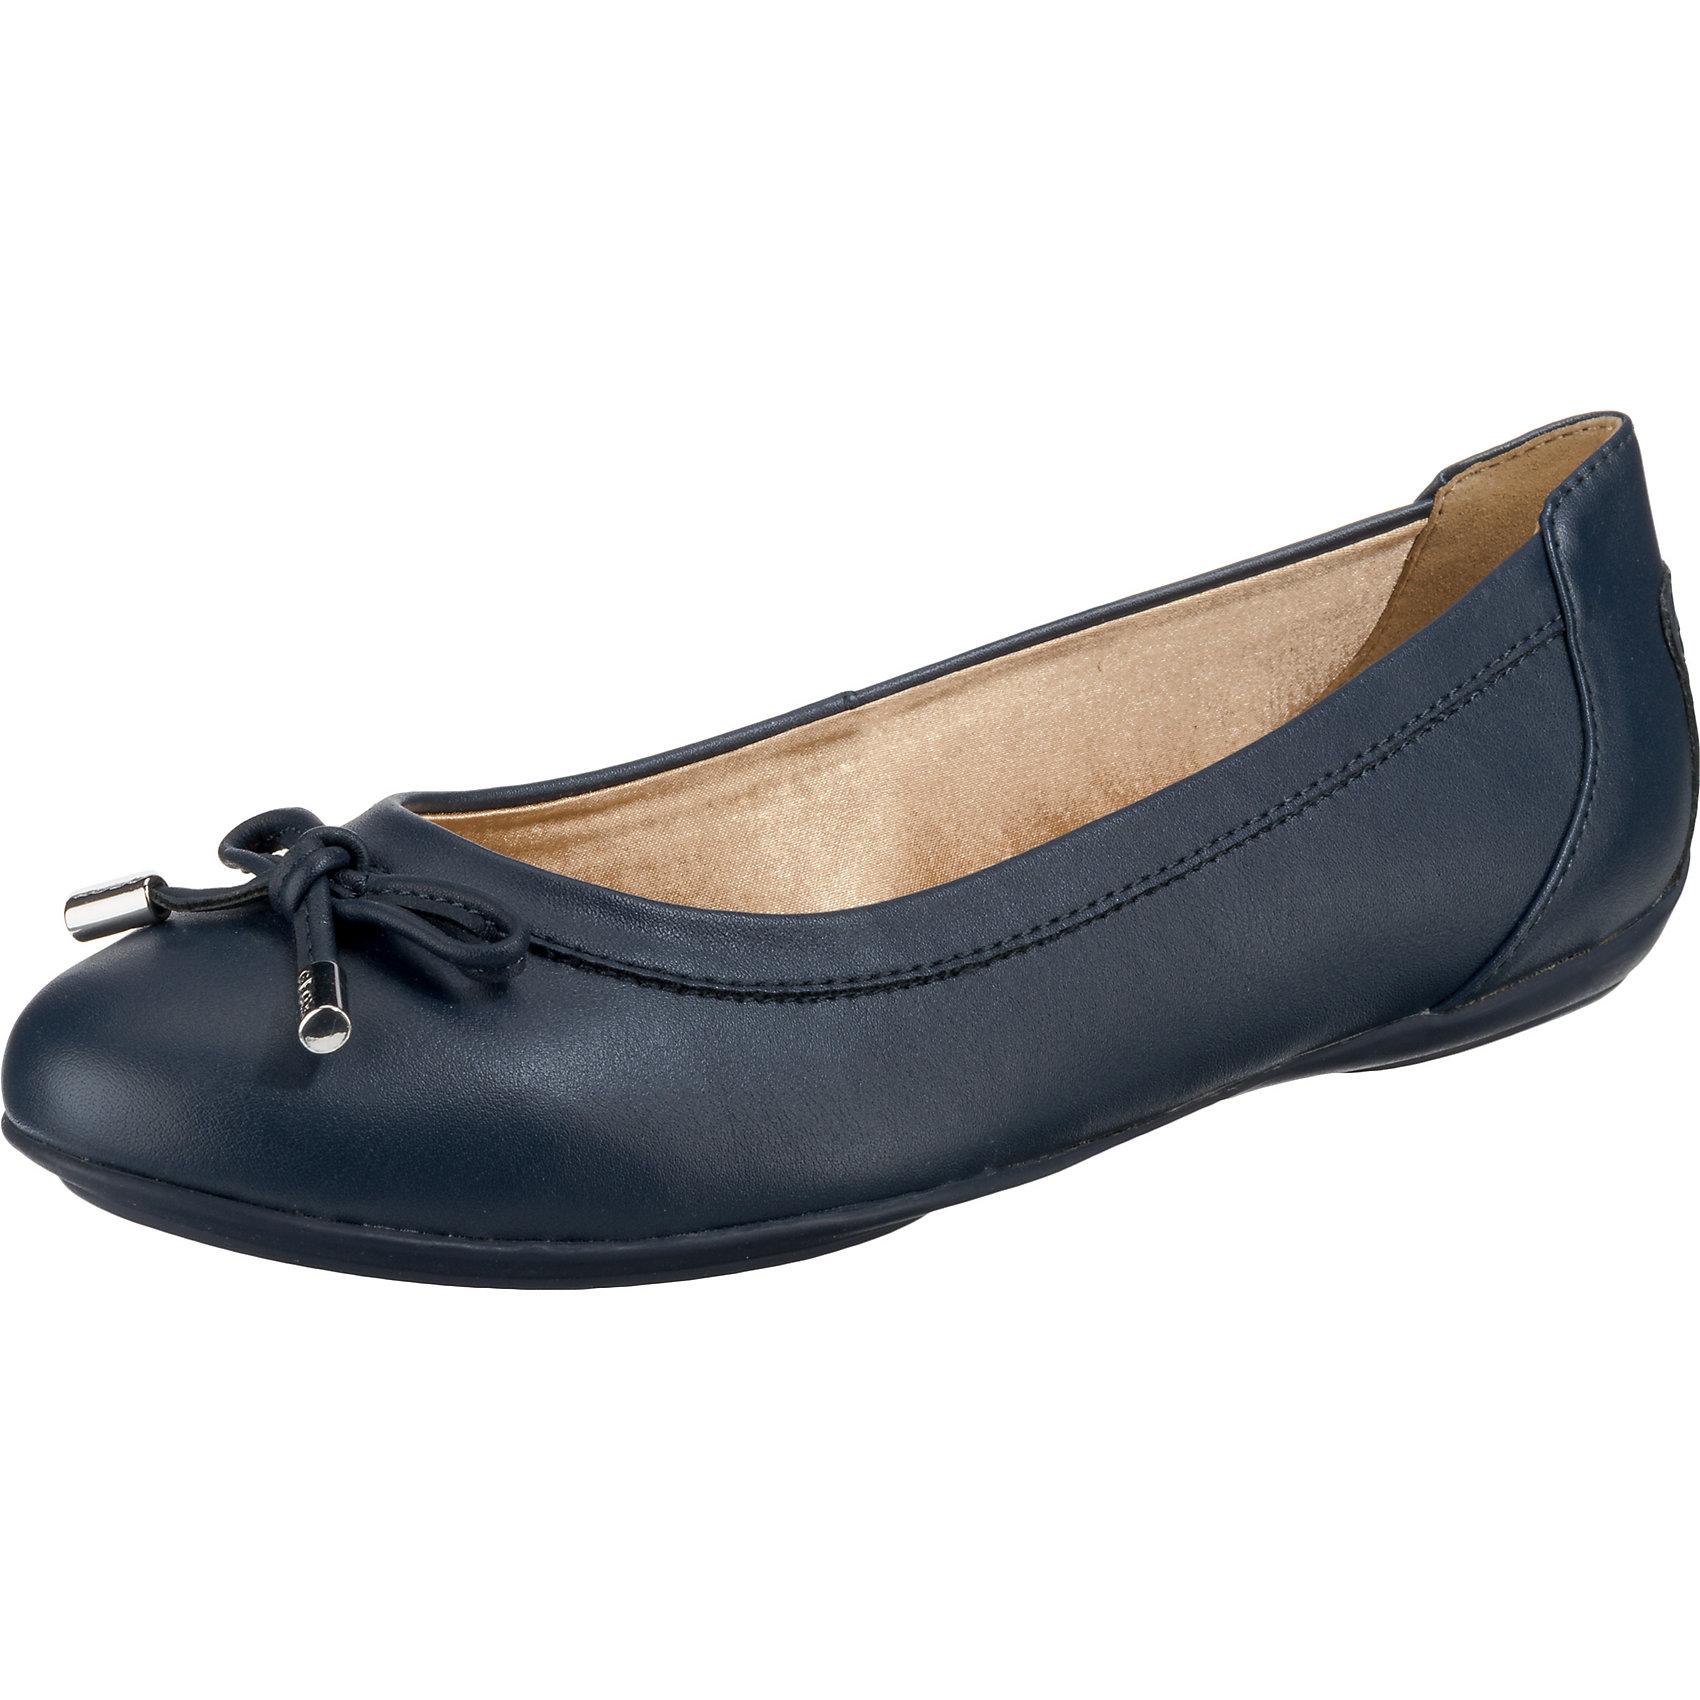 Neu GEOX CHARLENE Klassische Ballerinas 8549904 für für 8549904 Damen blau ... 4856f3